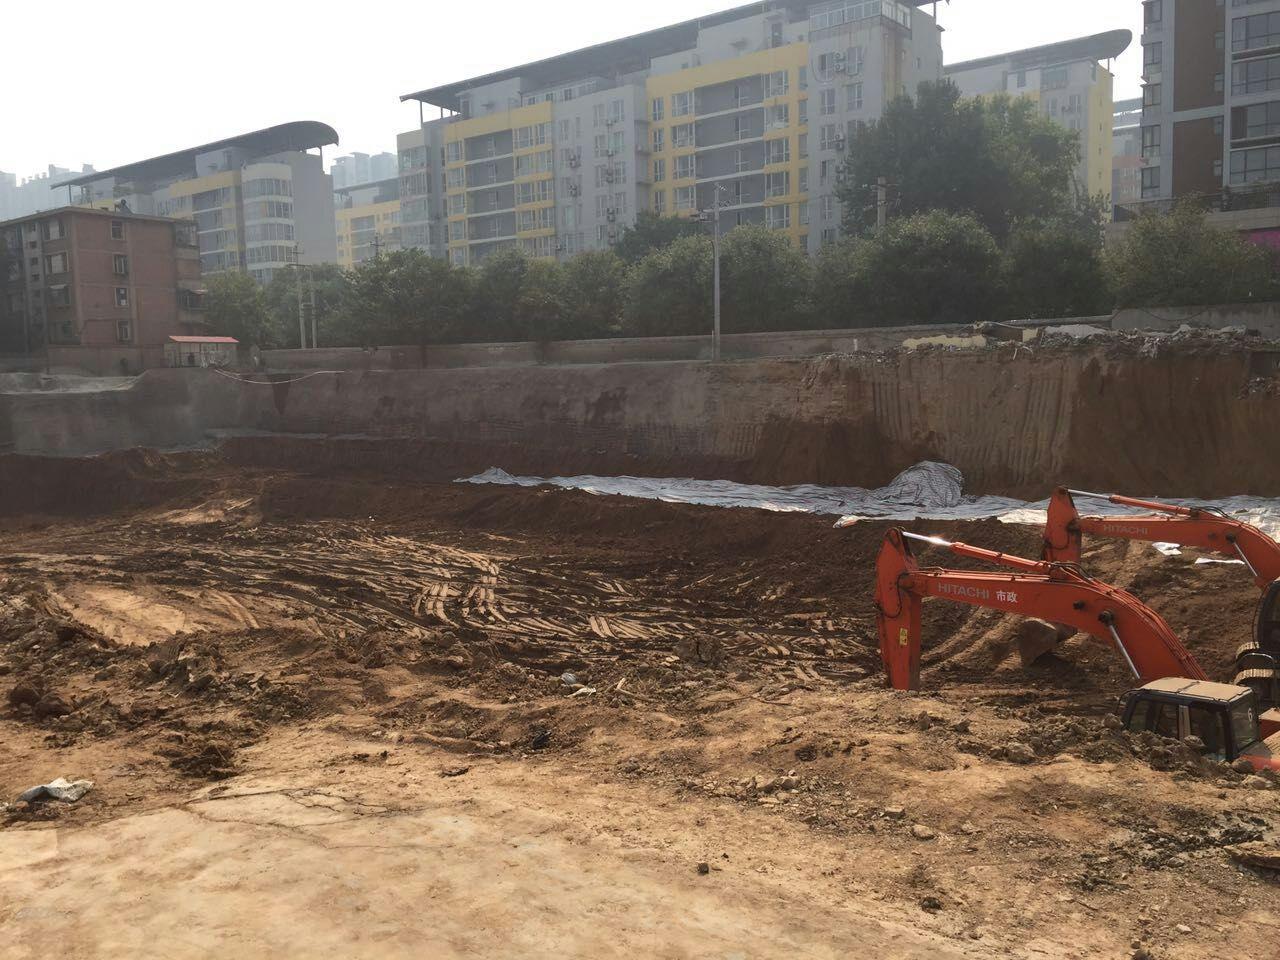 西安市某基坑工程滑坡塌方原因技术鉴定及司法鉴定